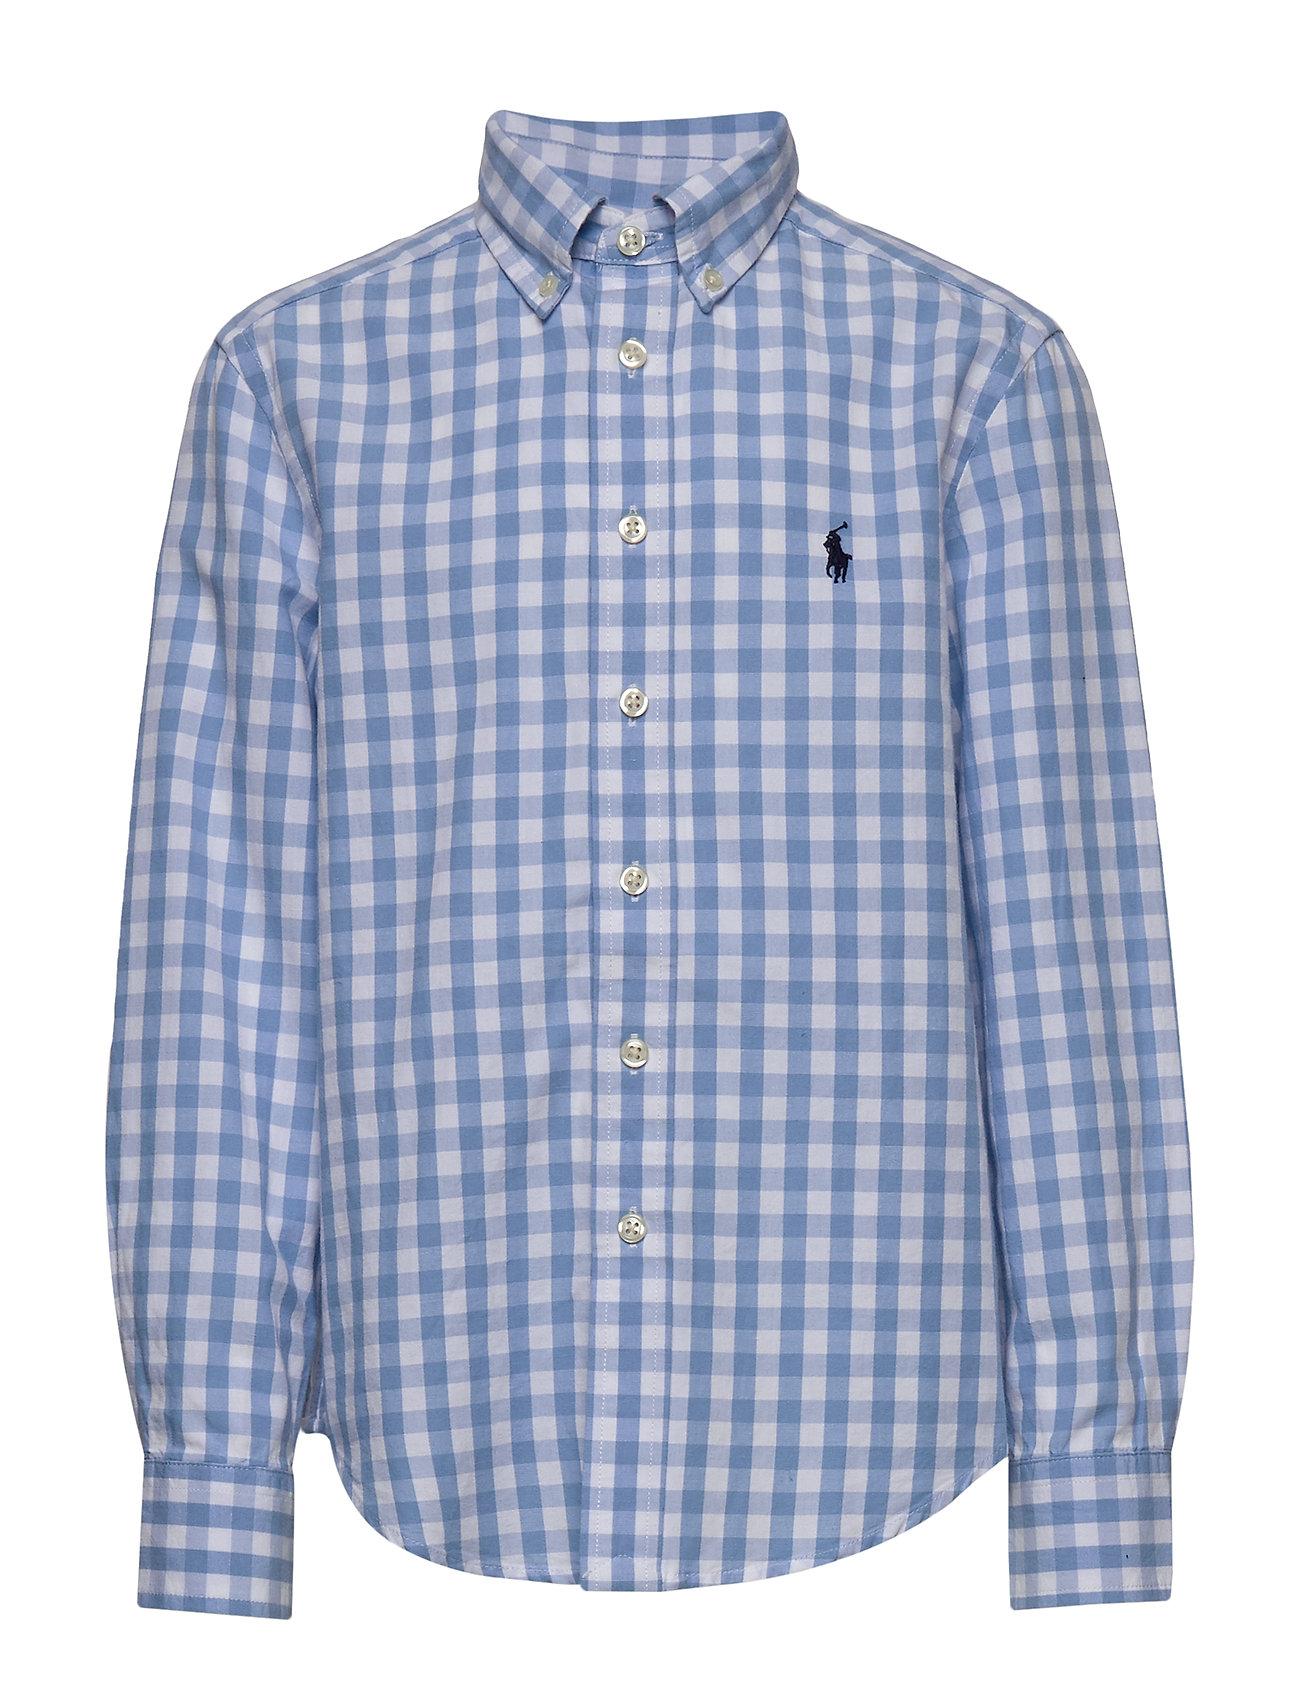 Ralph Lauren Kids Gingham Cotton-Blend Shirt - BLUE LAGOON MULTI